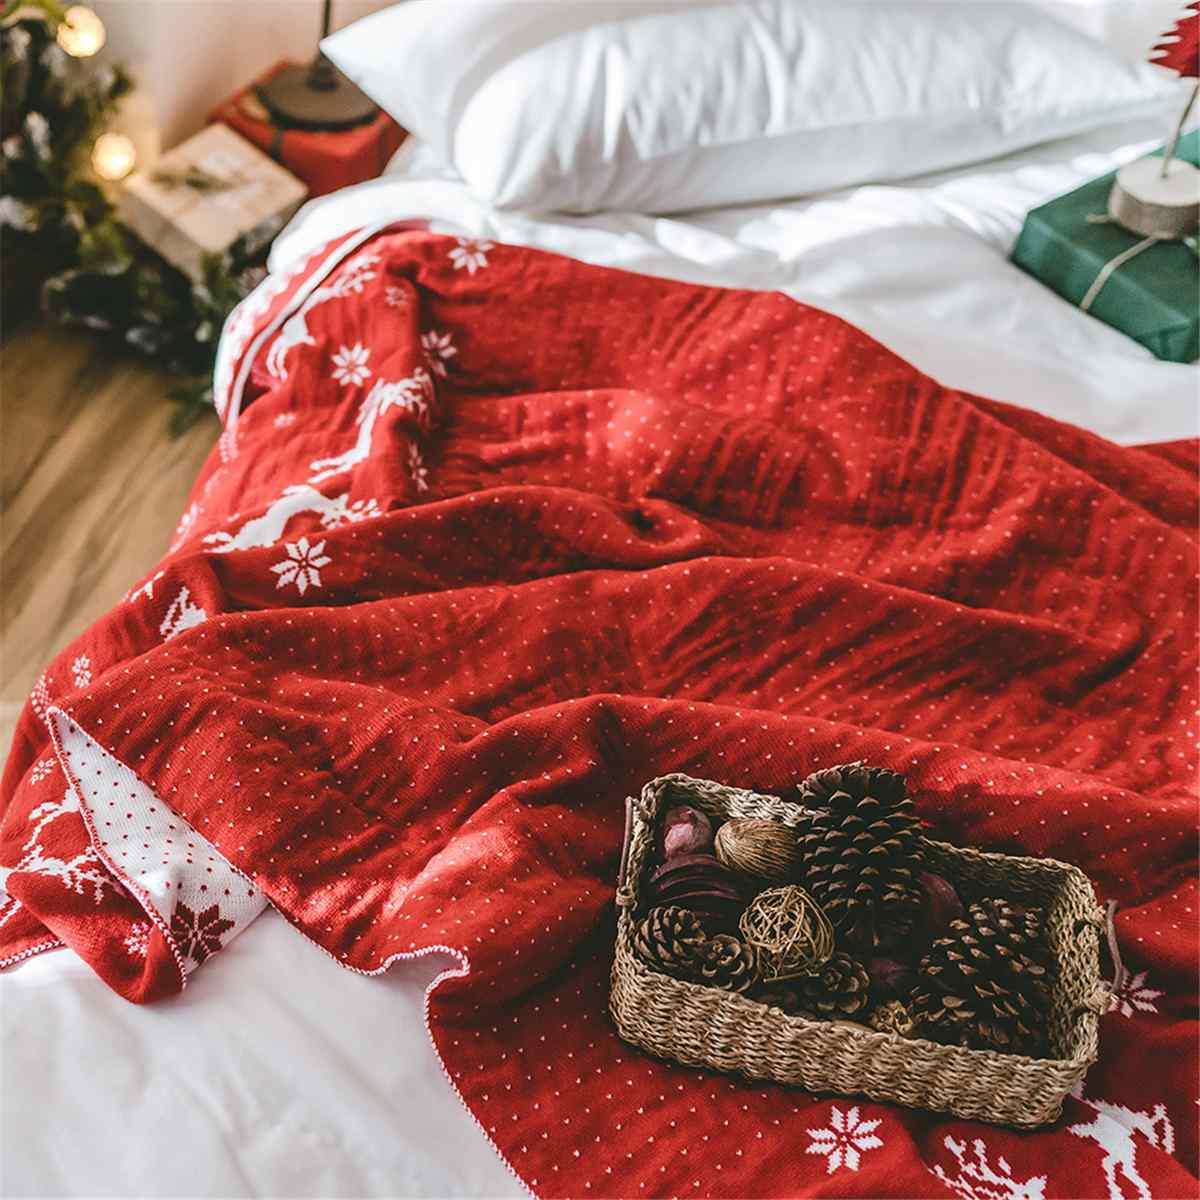 130x180 cm Super doux chaud tapis de couchage noël cerf tricoté couverture jeter tapis lit canapé jette salon tapis flanelle Plaid